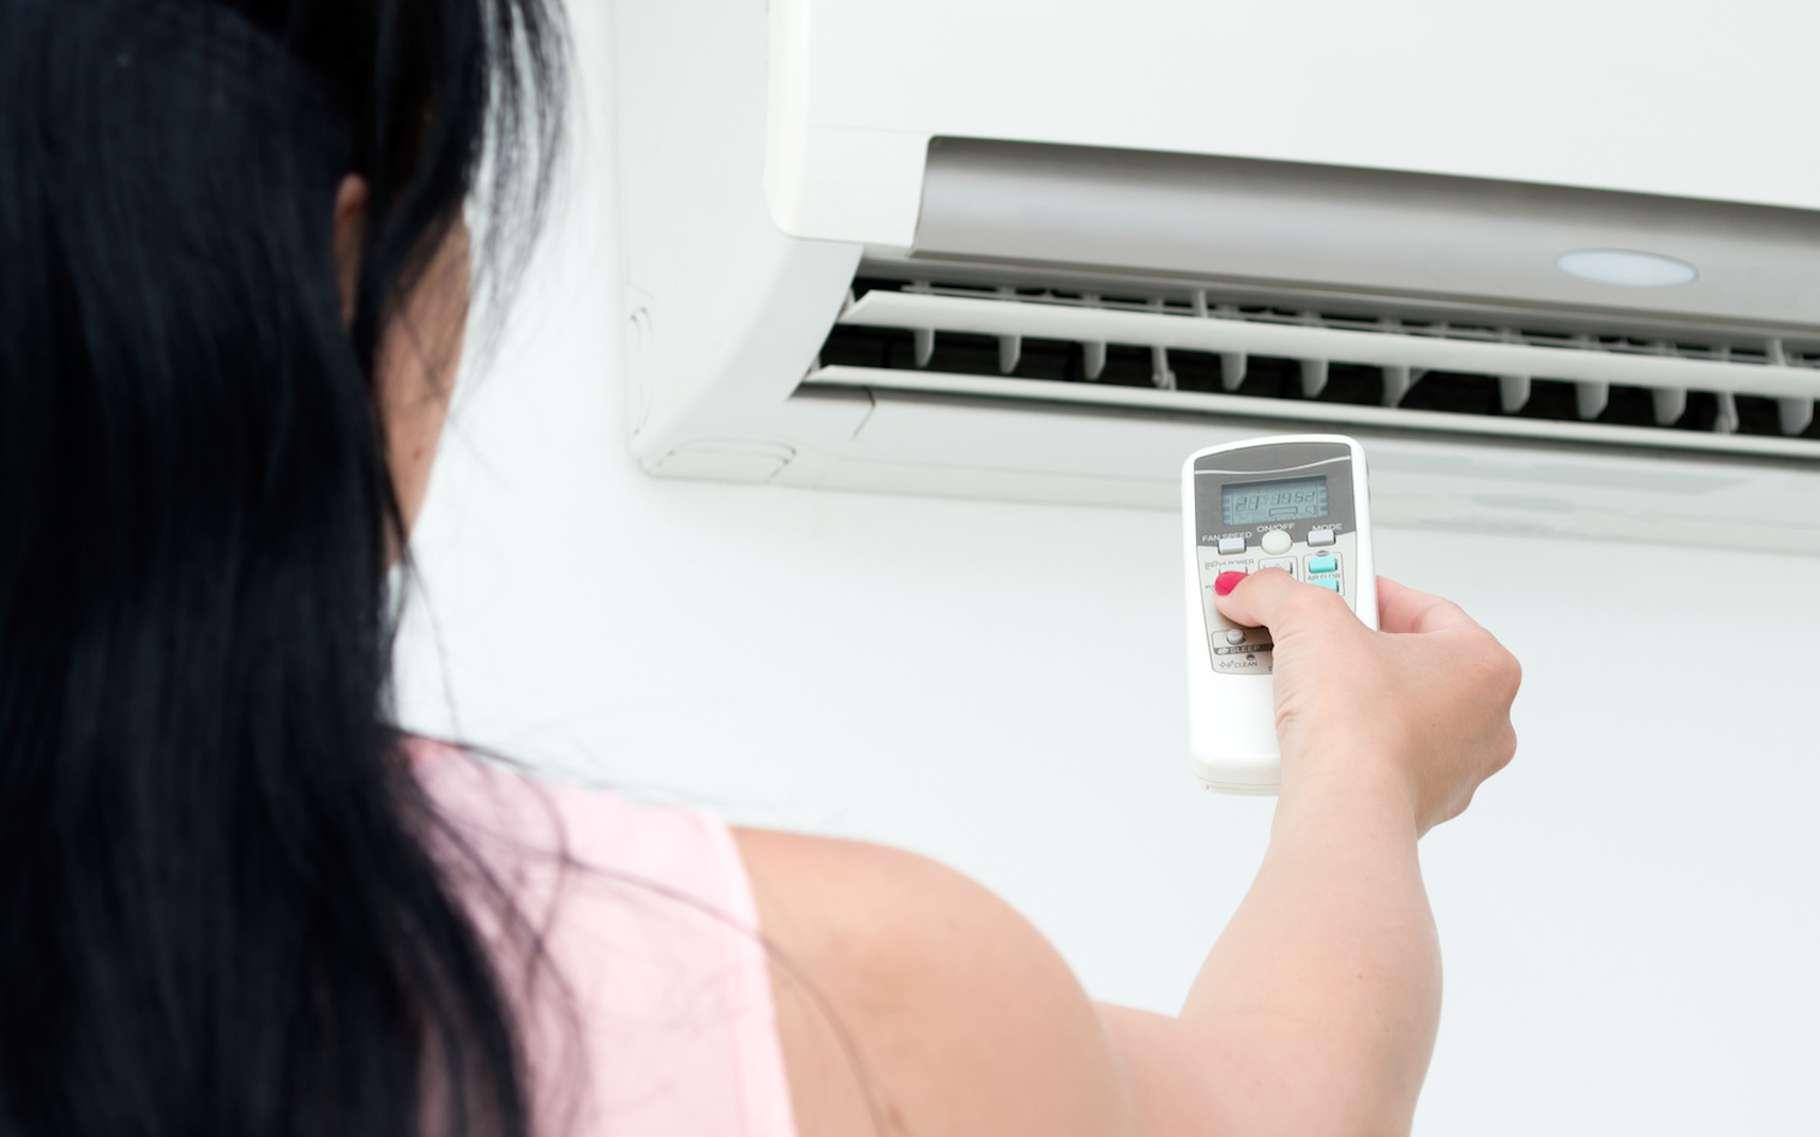 Pousser le bouton de son système de climatisation n'est pas sans conséquence sur l'environnement. © Daniel Krason, Fotolia